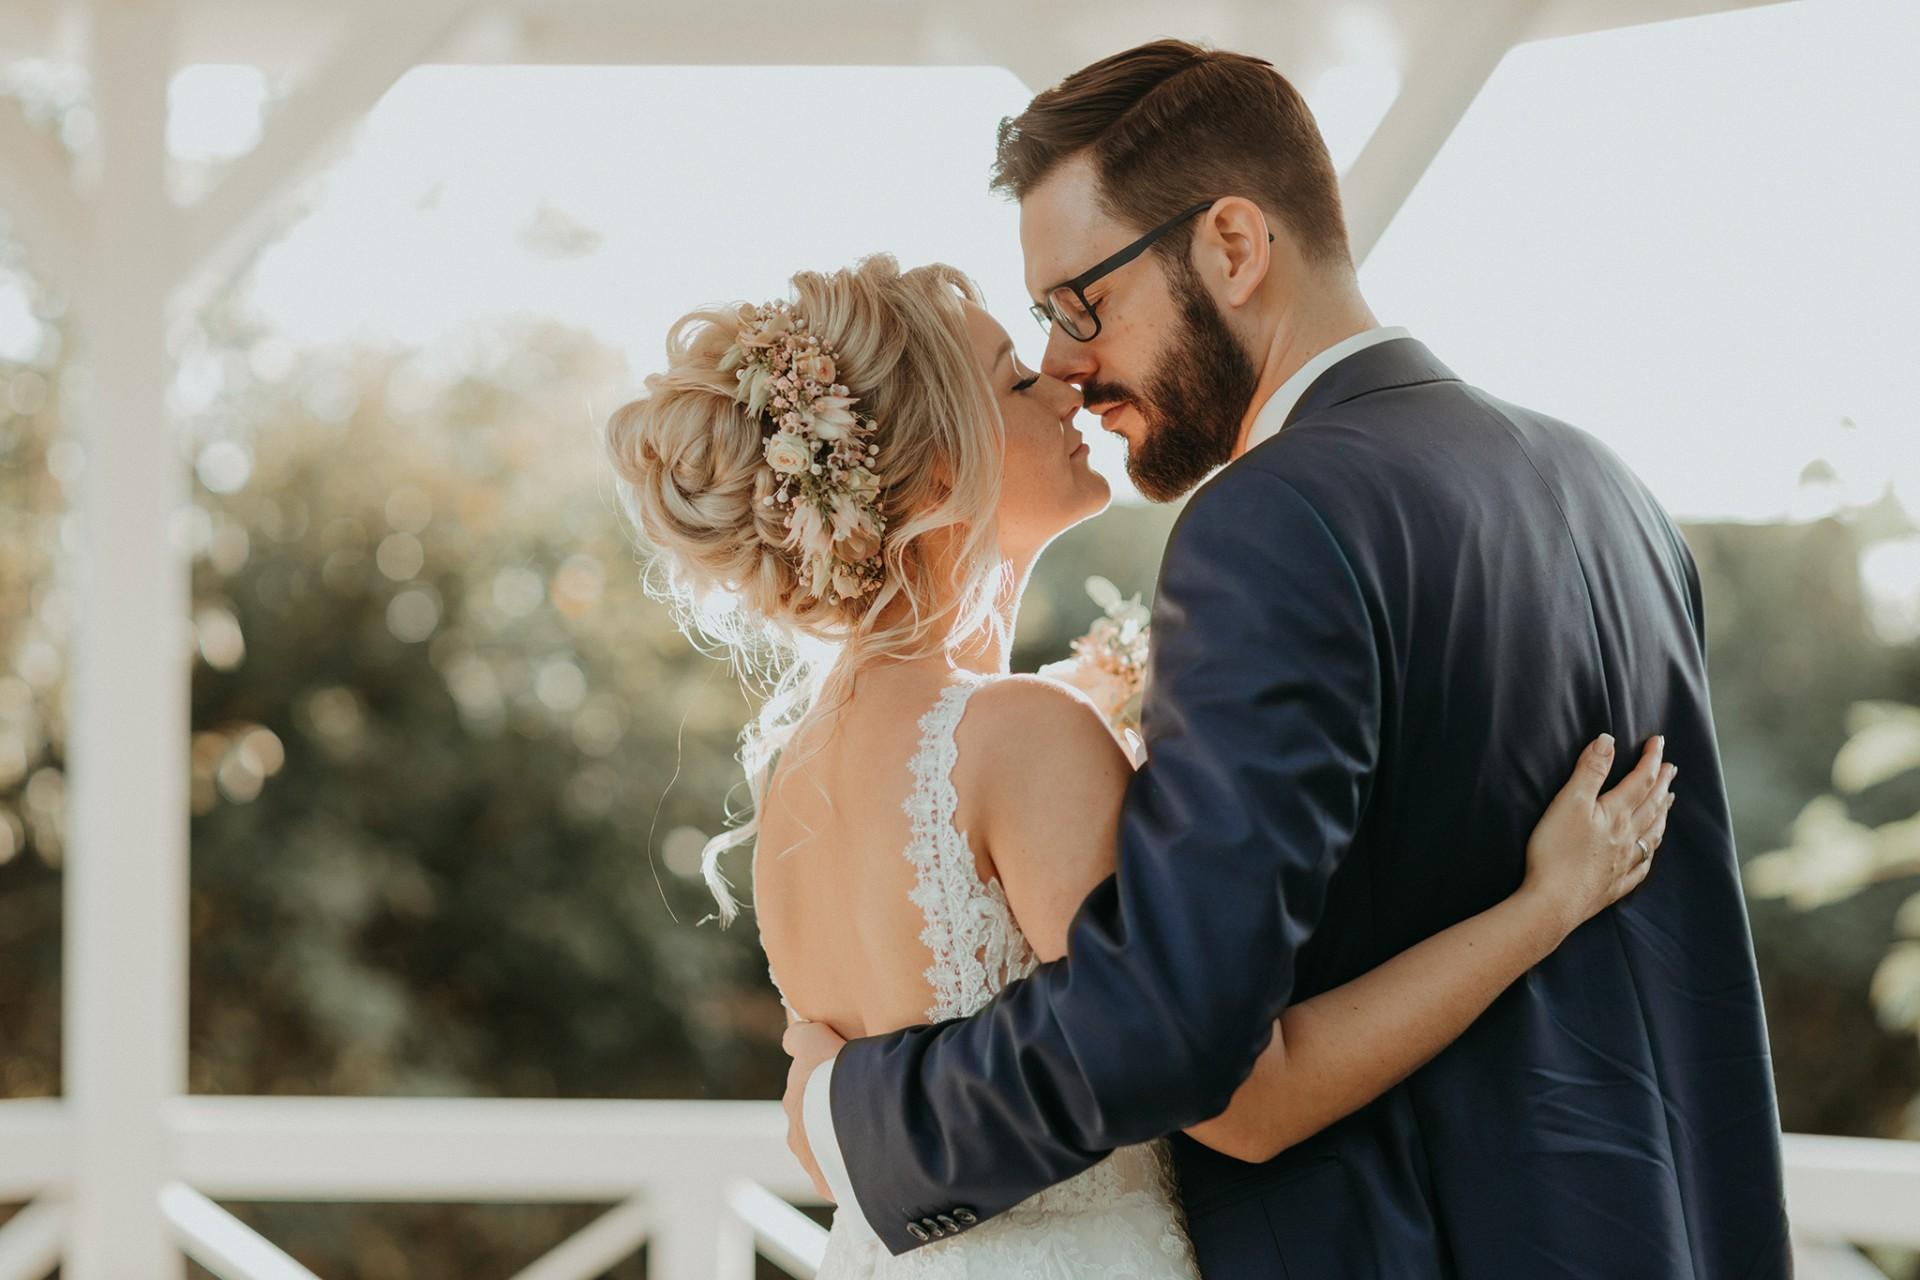 1273-DUC-THIEN-PHOTOGRAPHY-Hochzeitsfotos-L3DGidWX